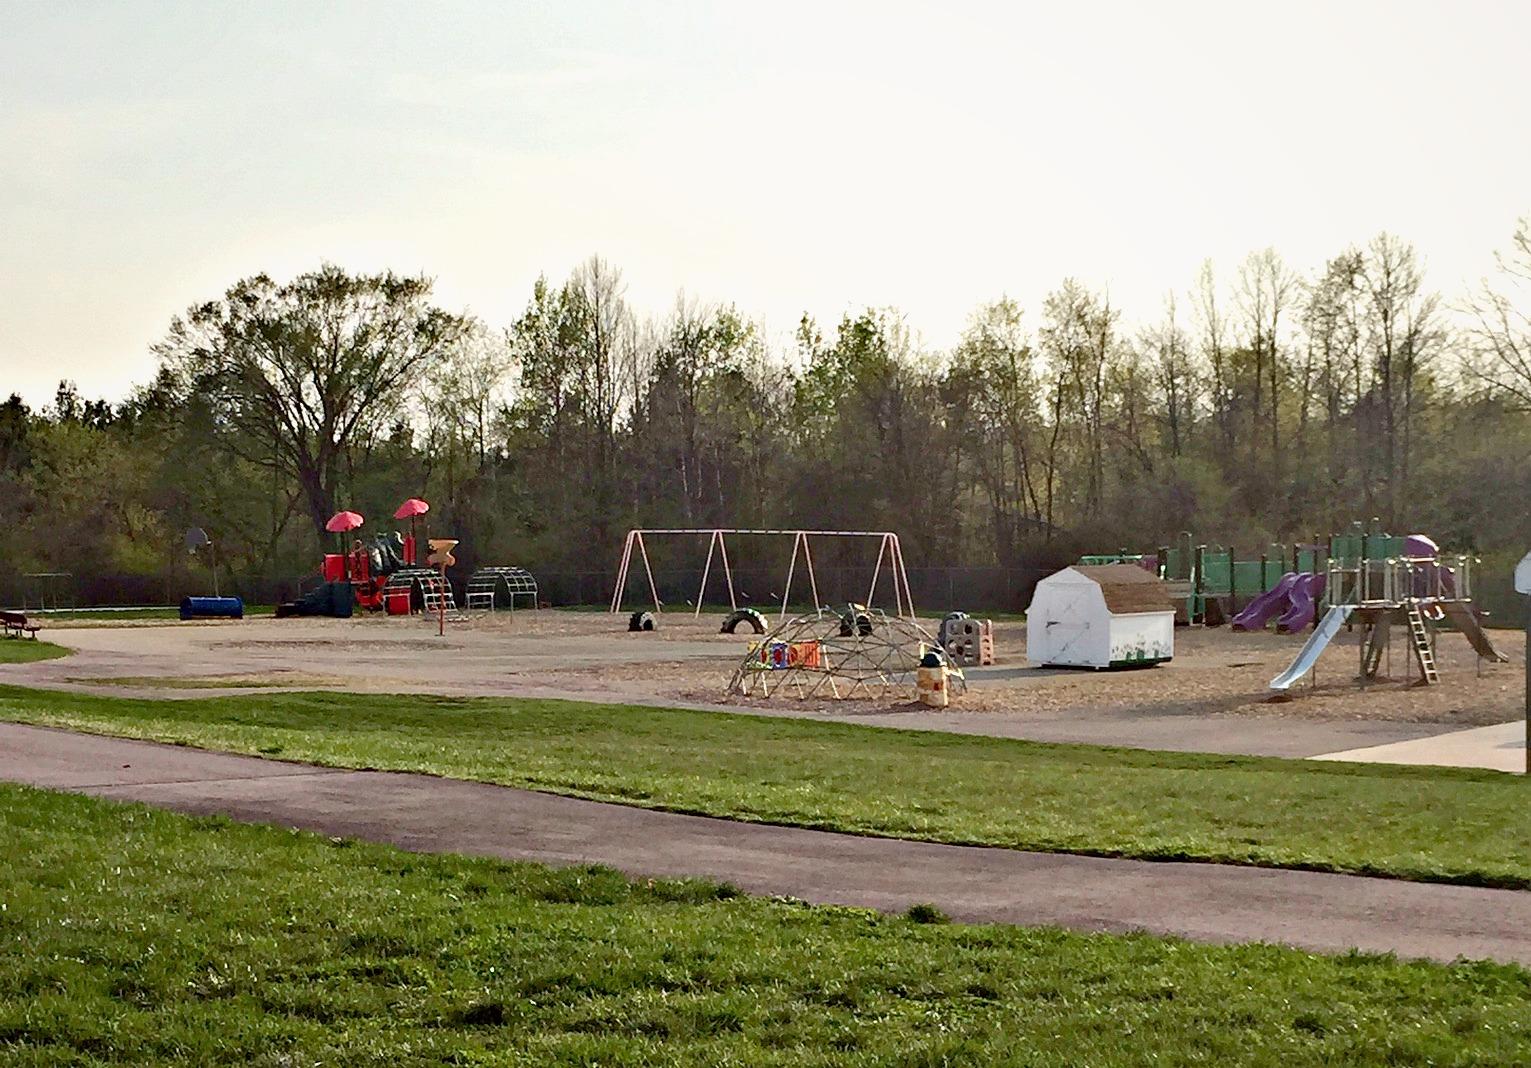 Full Playground